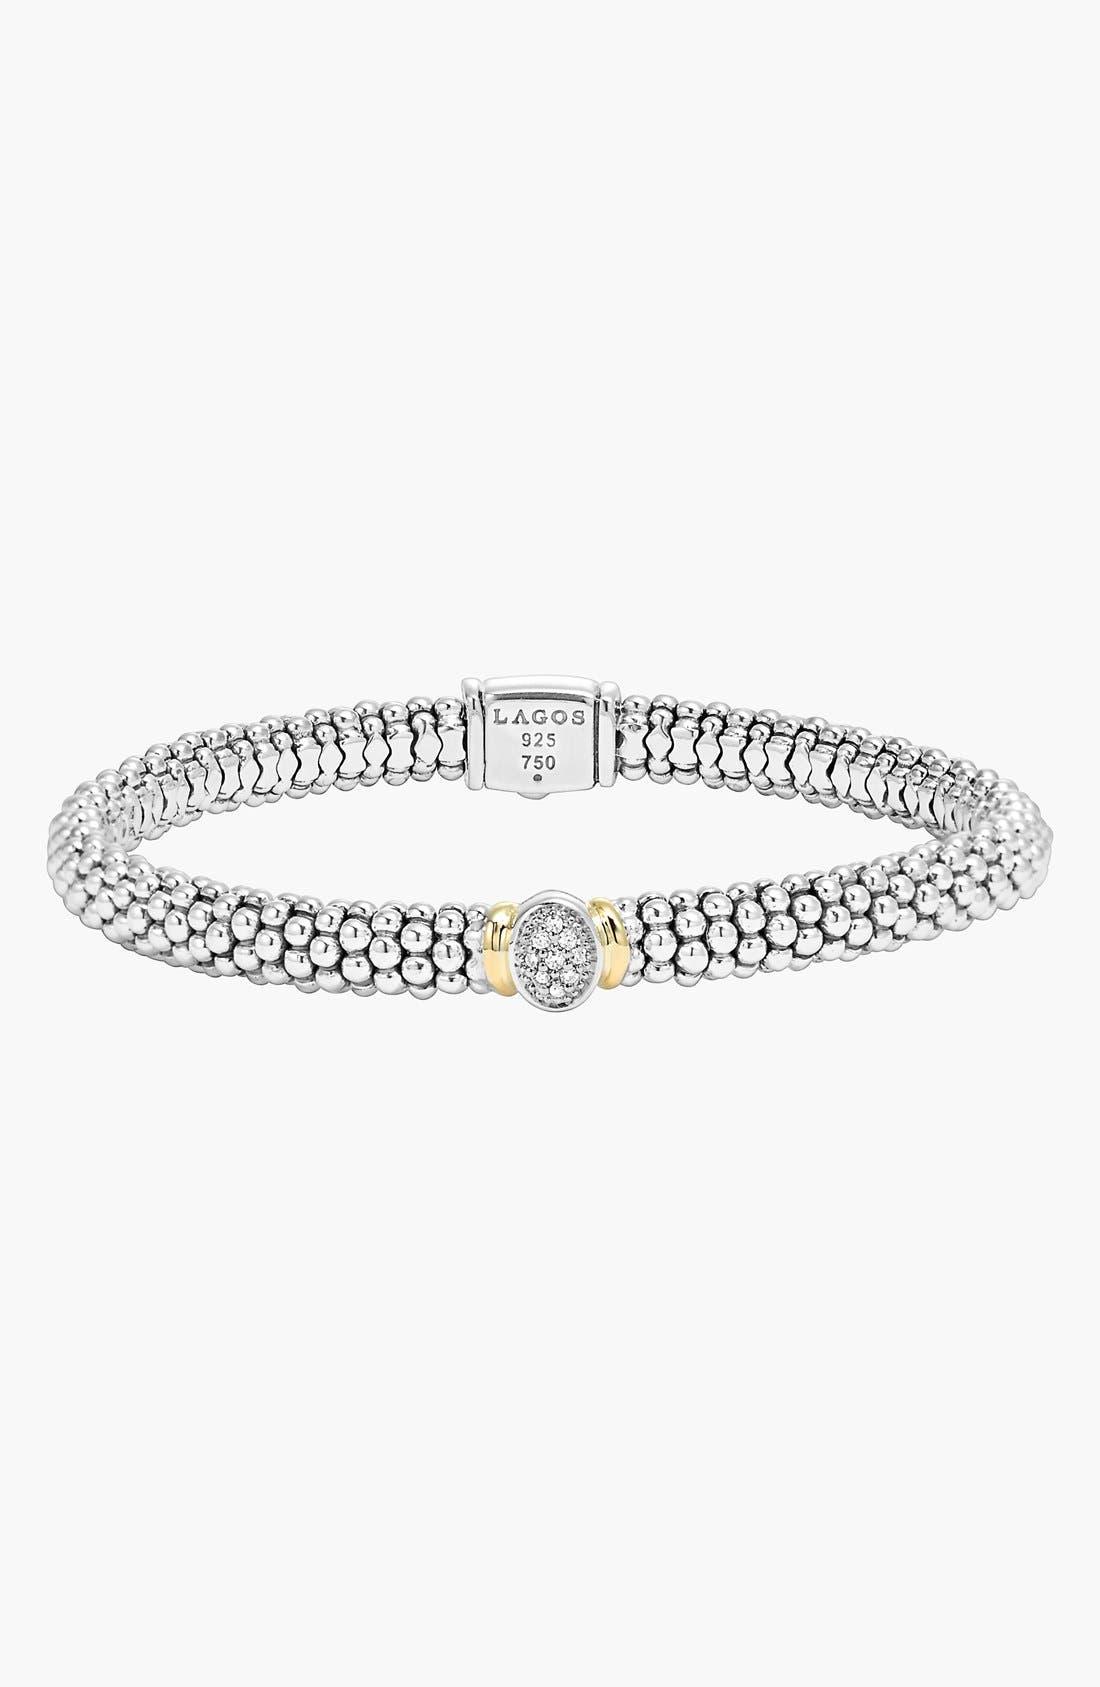 Alternate Image 1 Selected - LAGOS 'Twilight' Caviar™ Diamond Rope Bracelet